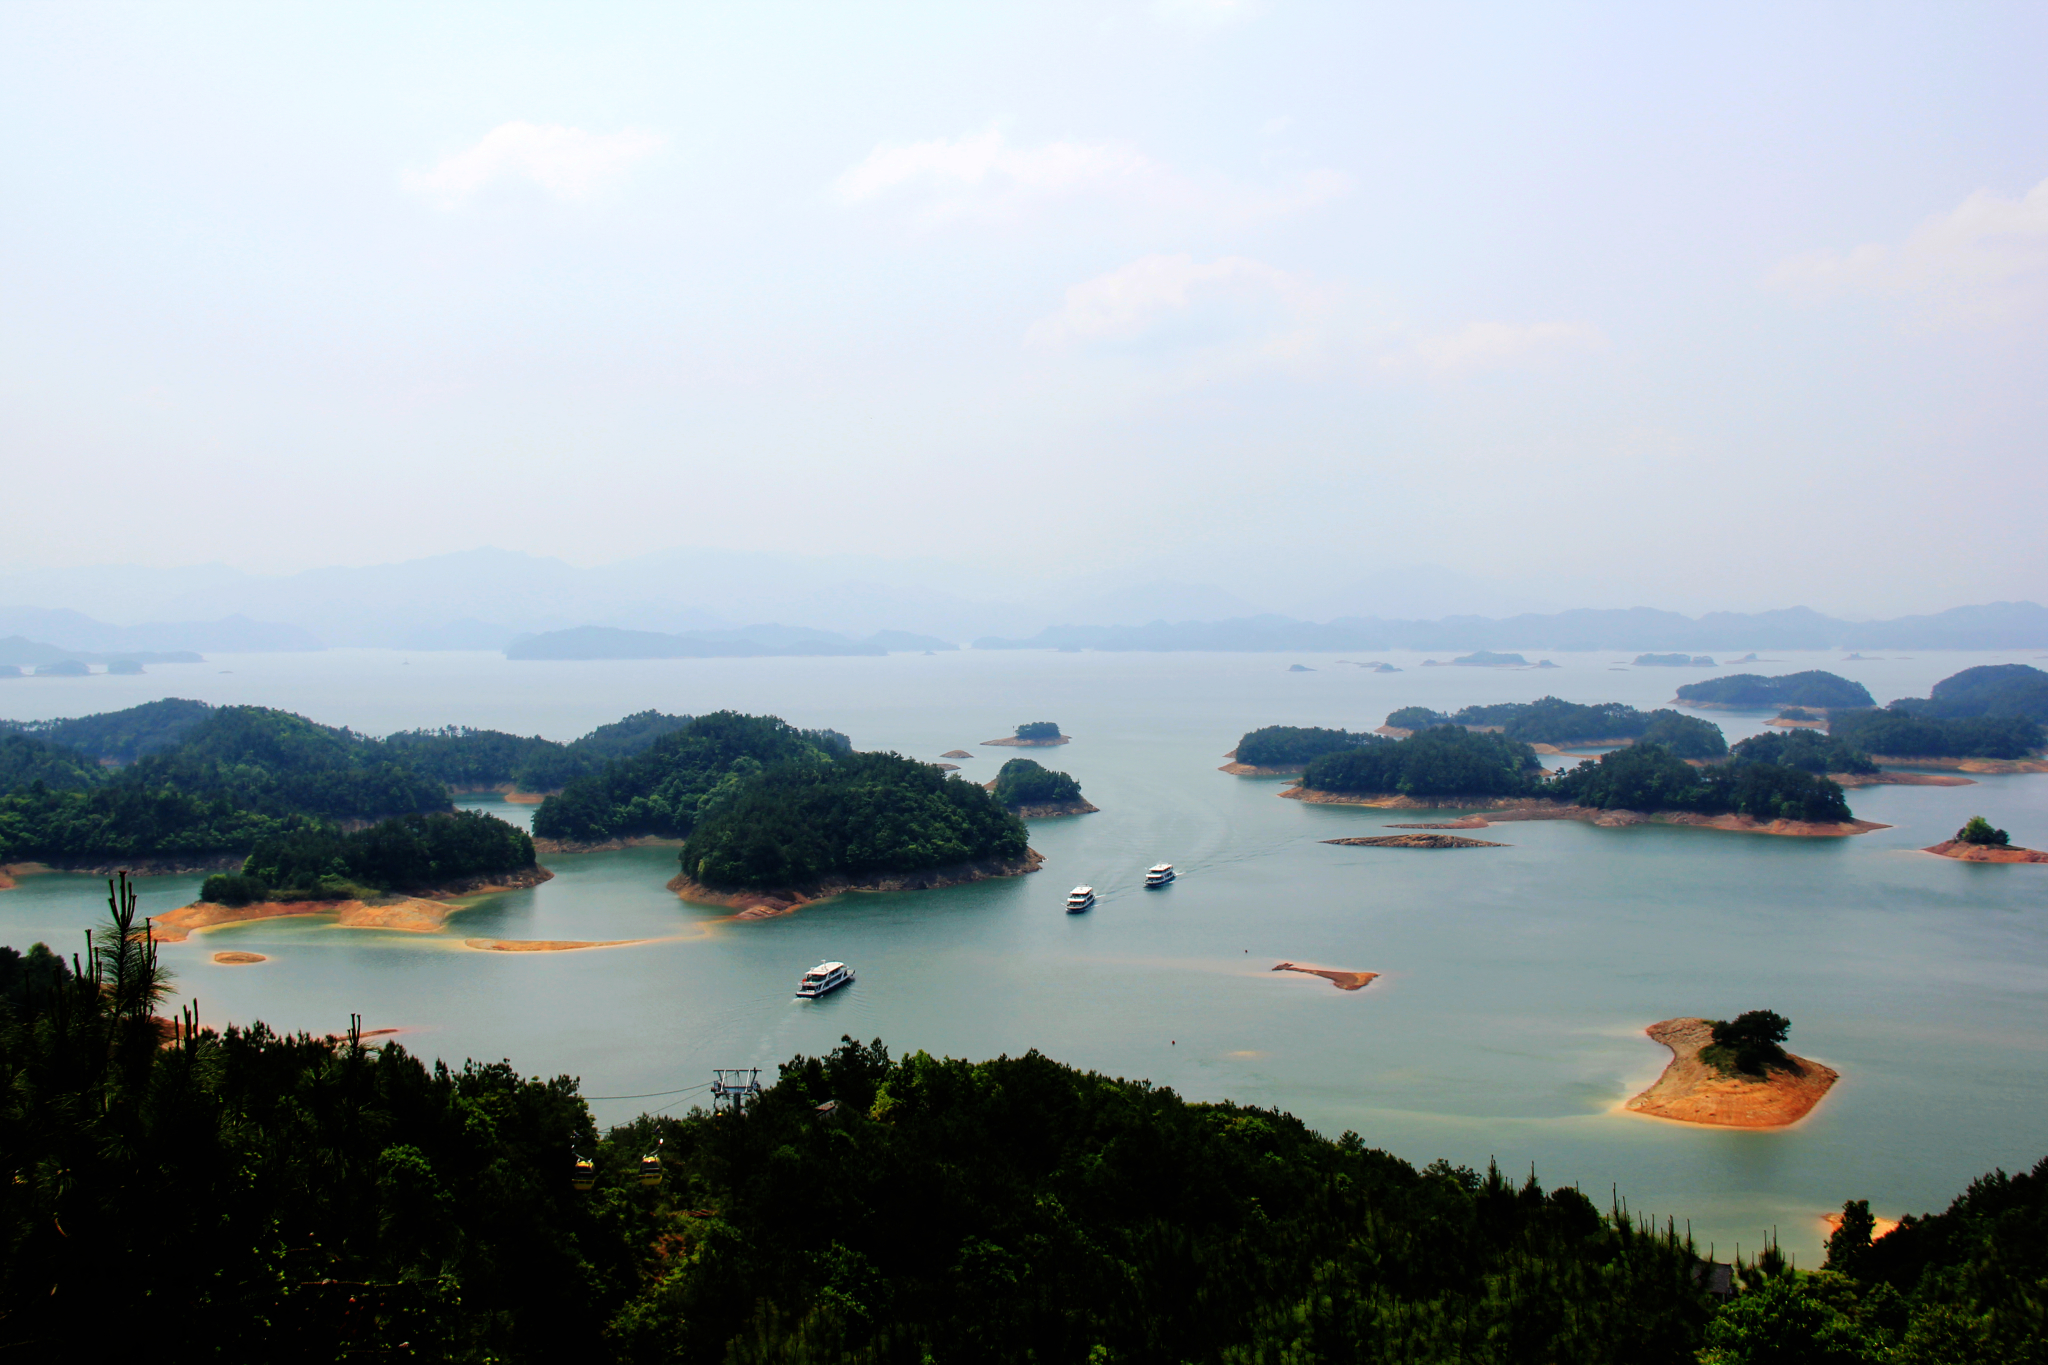 千岛湖哪个景点最好玩,千岛湖有什么必去景点,千岛湖景点游玩推荐